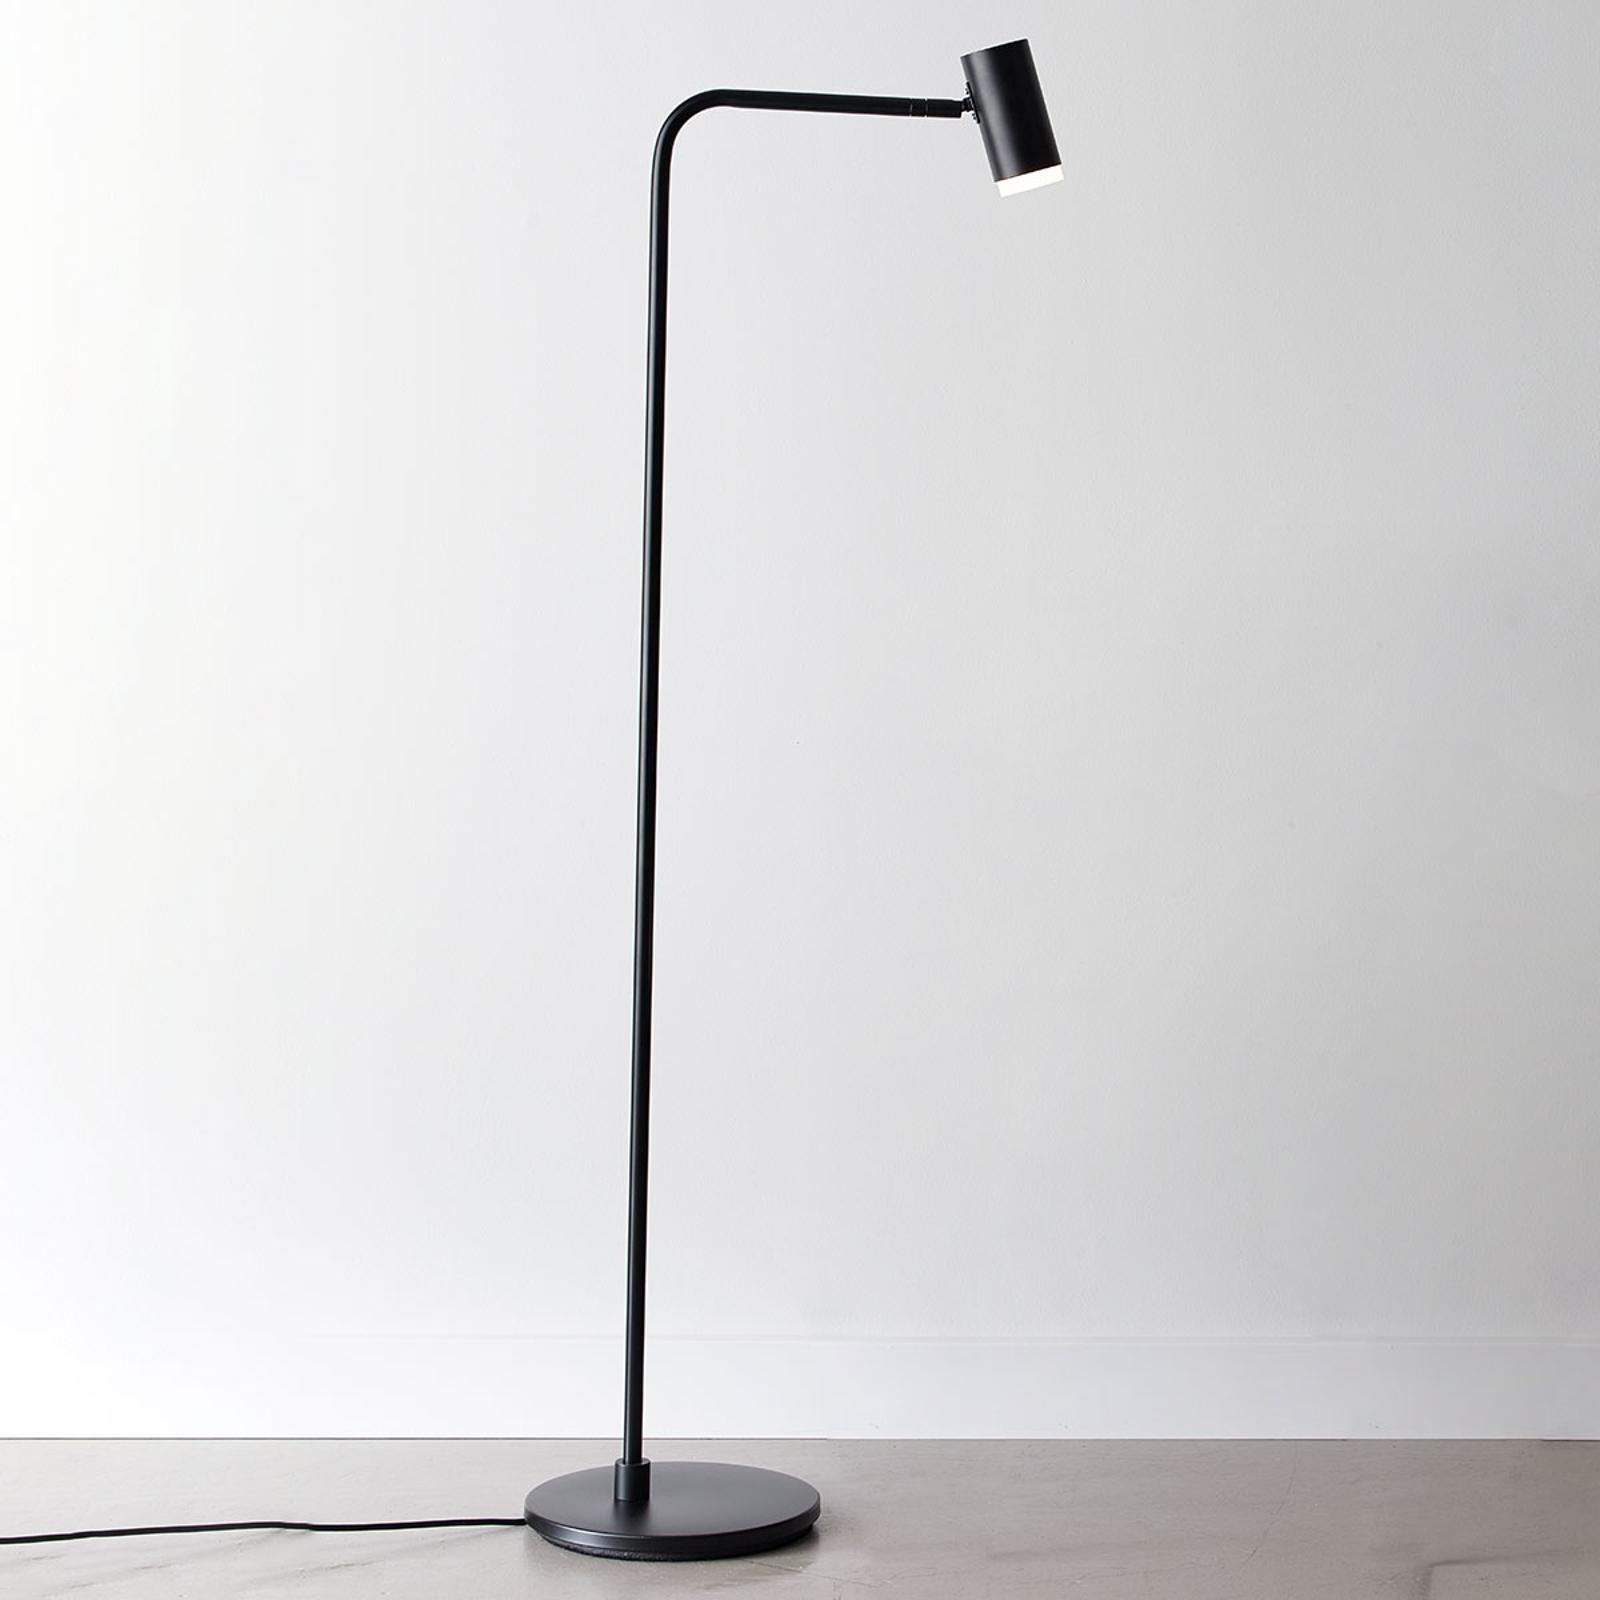 LED vloerlamp Cato Q met dimmer, zwart